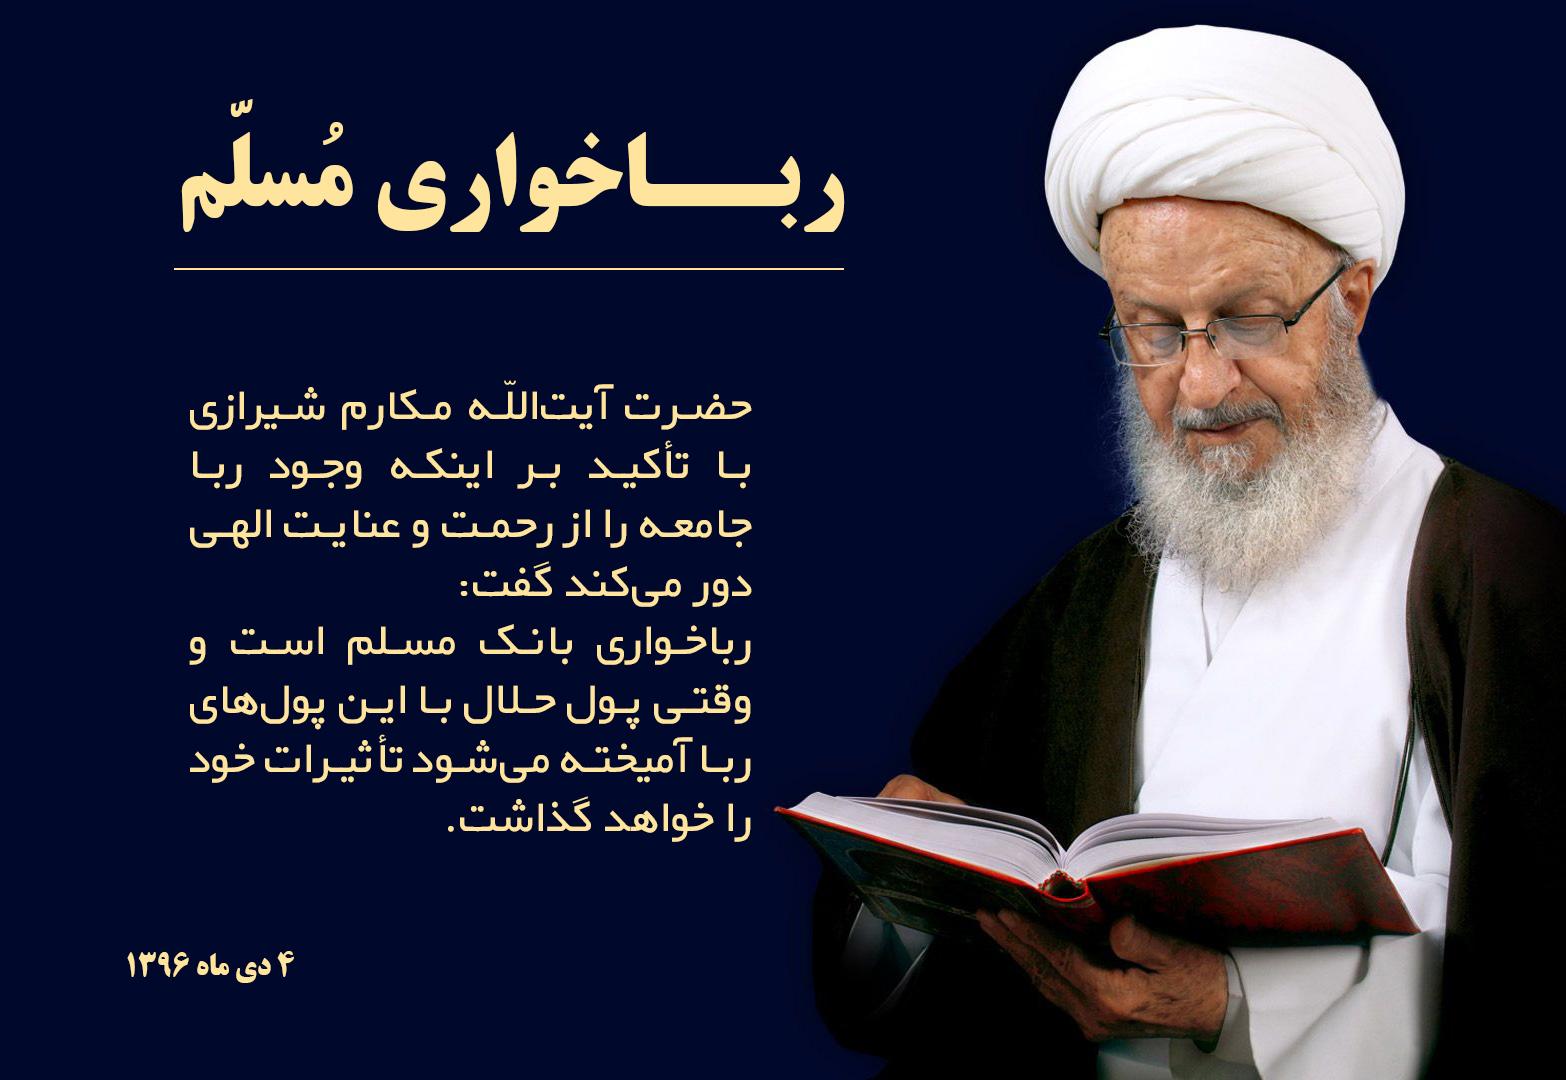 تصویر از آیتالله مکارم شیرازی: رباخواری بانک مسلم است